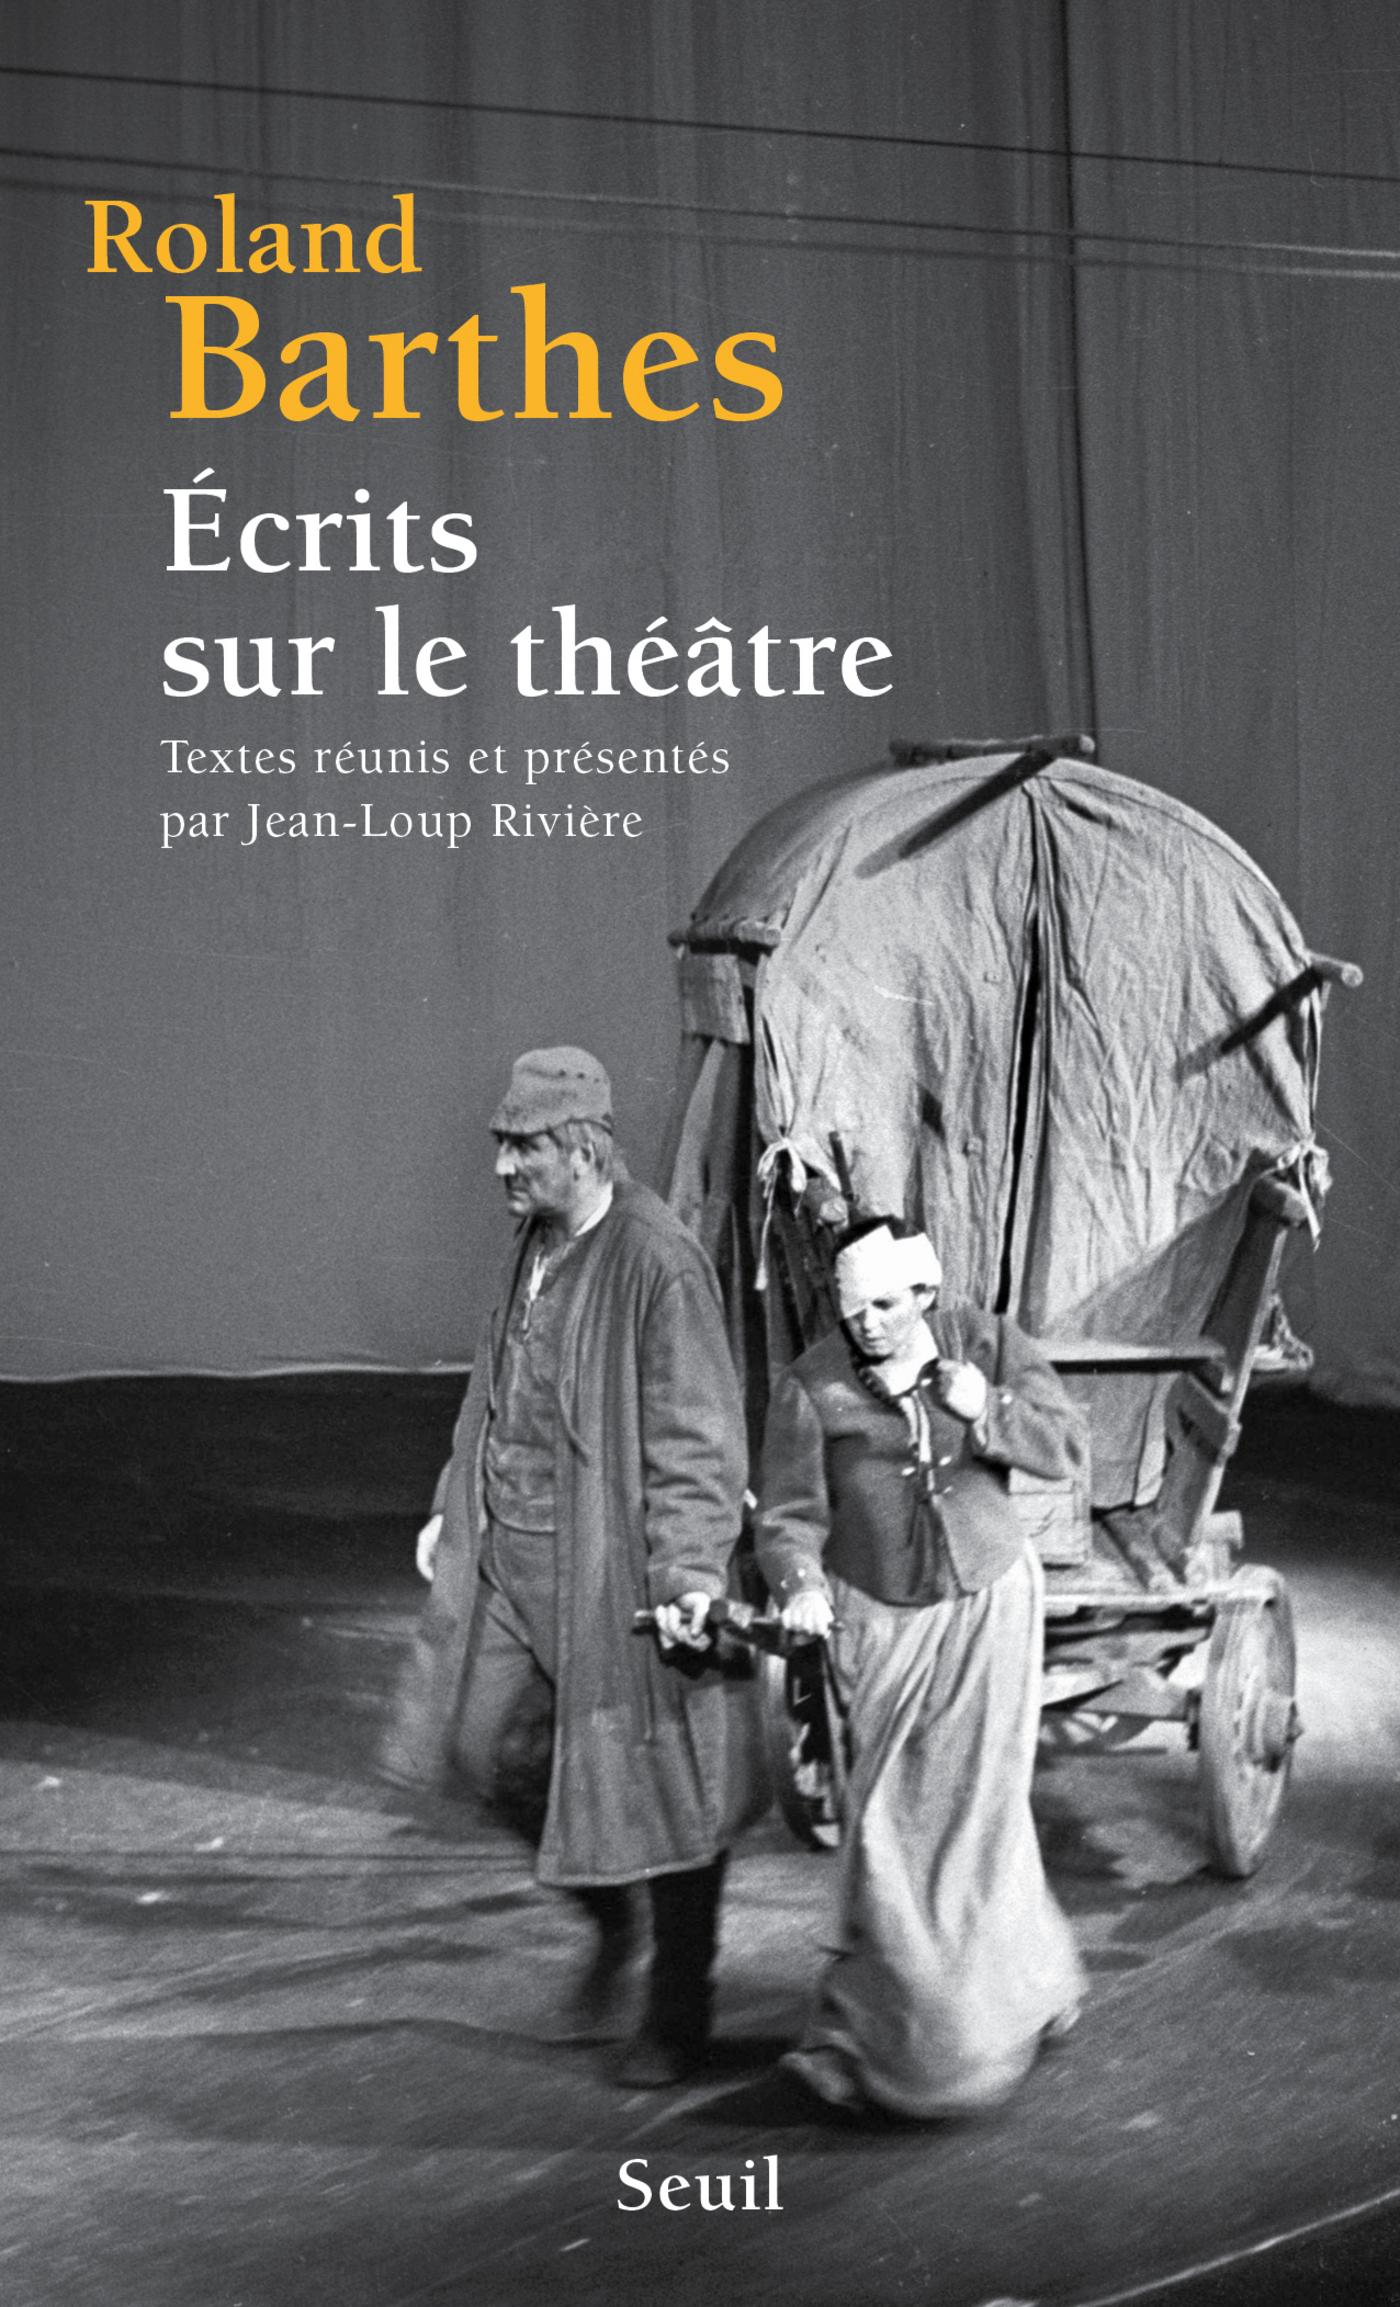 Écrits sur le théâtre. Textes réunis et présentés | Barthes, Roland